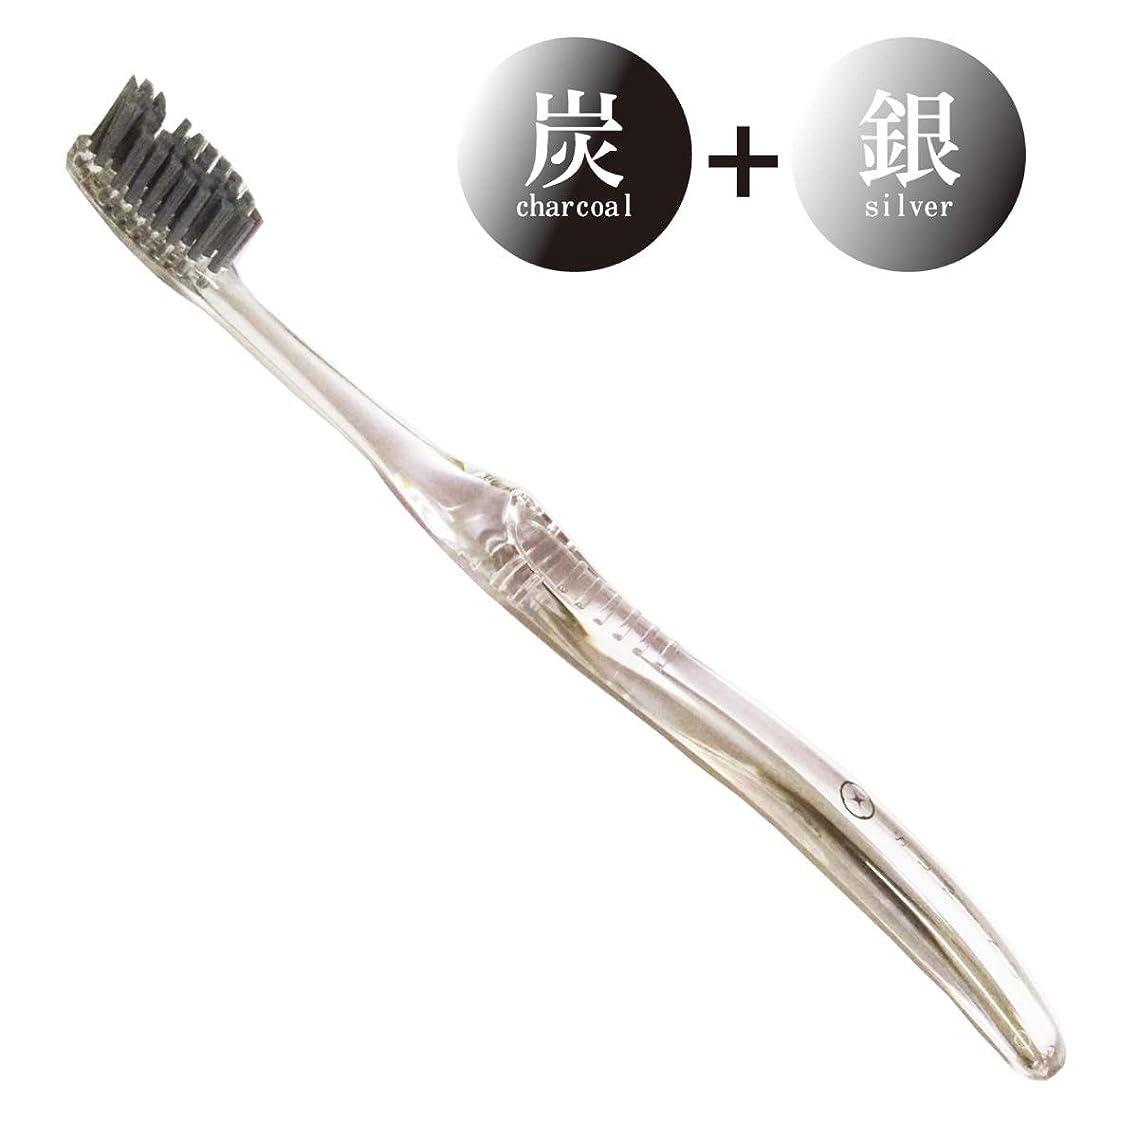 コーン保有者柔らかい備長炭練込歯ブラシ SUMINO コンパクトヘッド ふつう 全毛抗菌 日本製